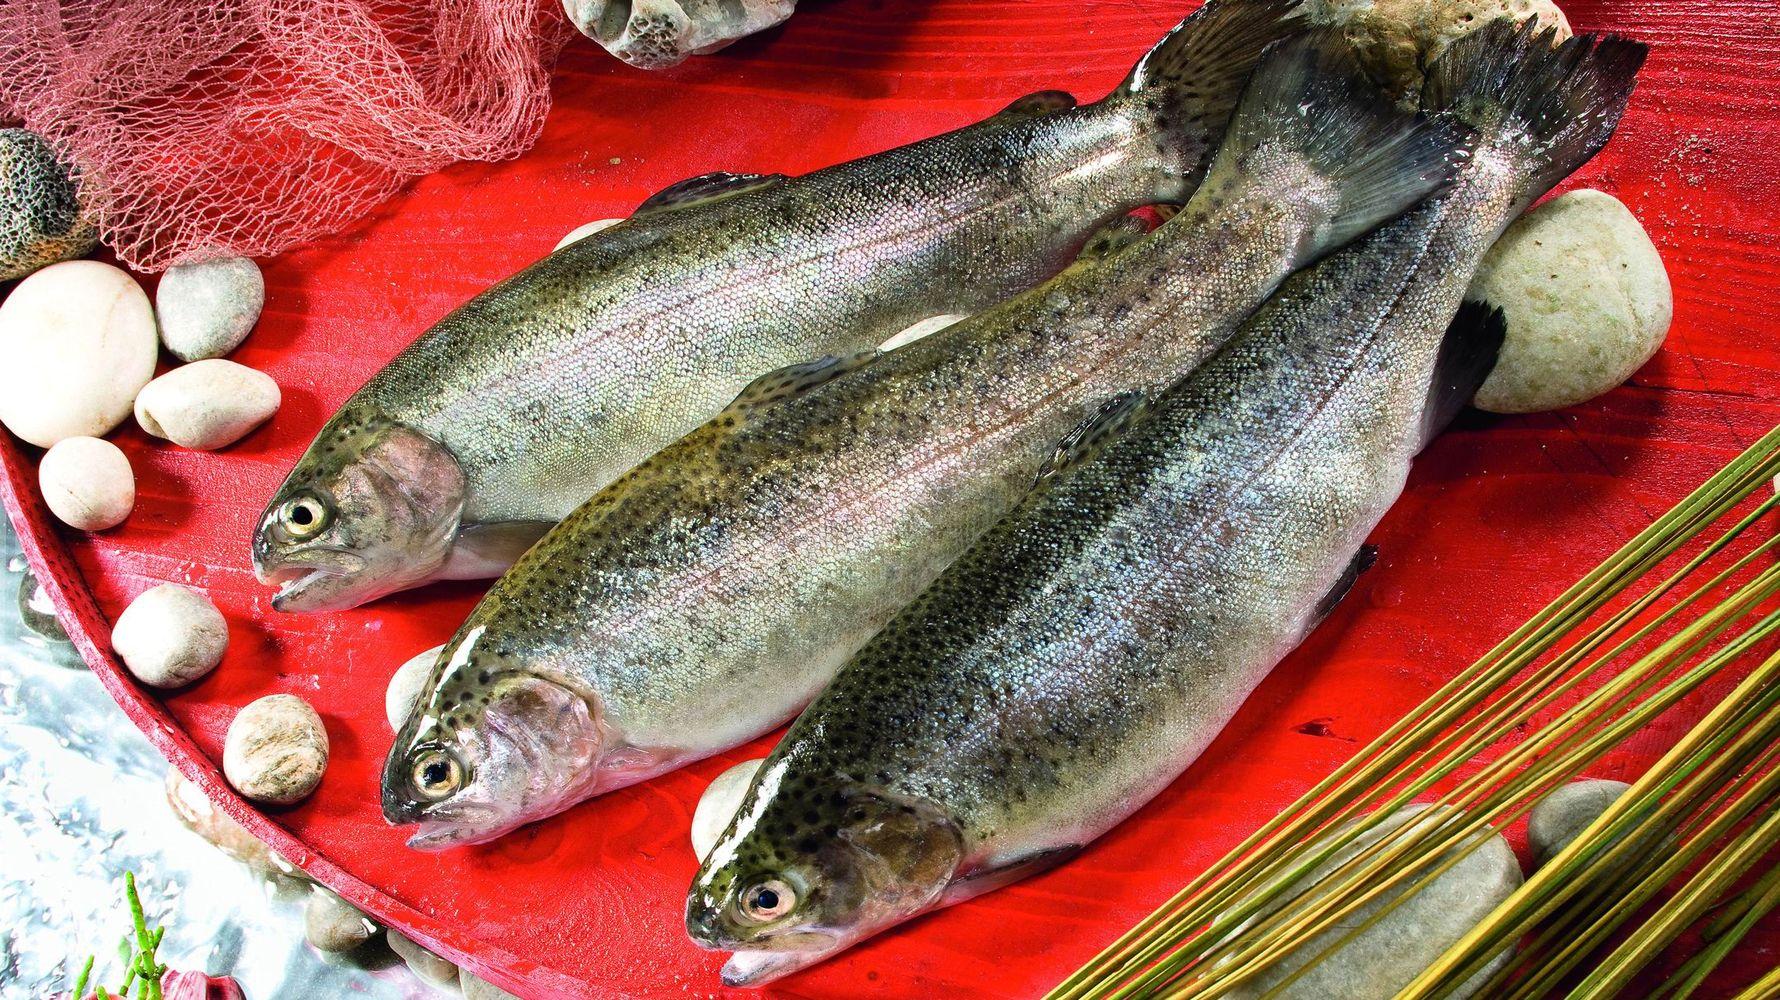 izvoz akvakulture i životinjskih proizvoda premašio je milijardu dolara u prošloj godini